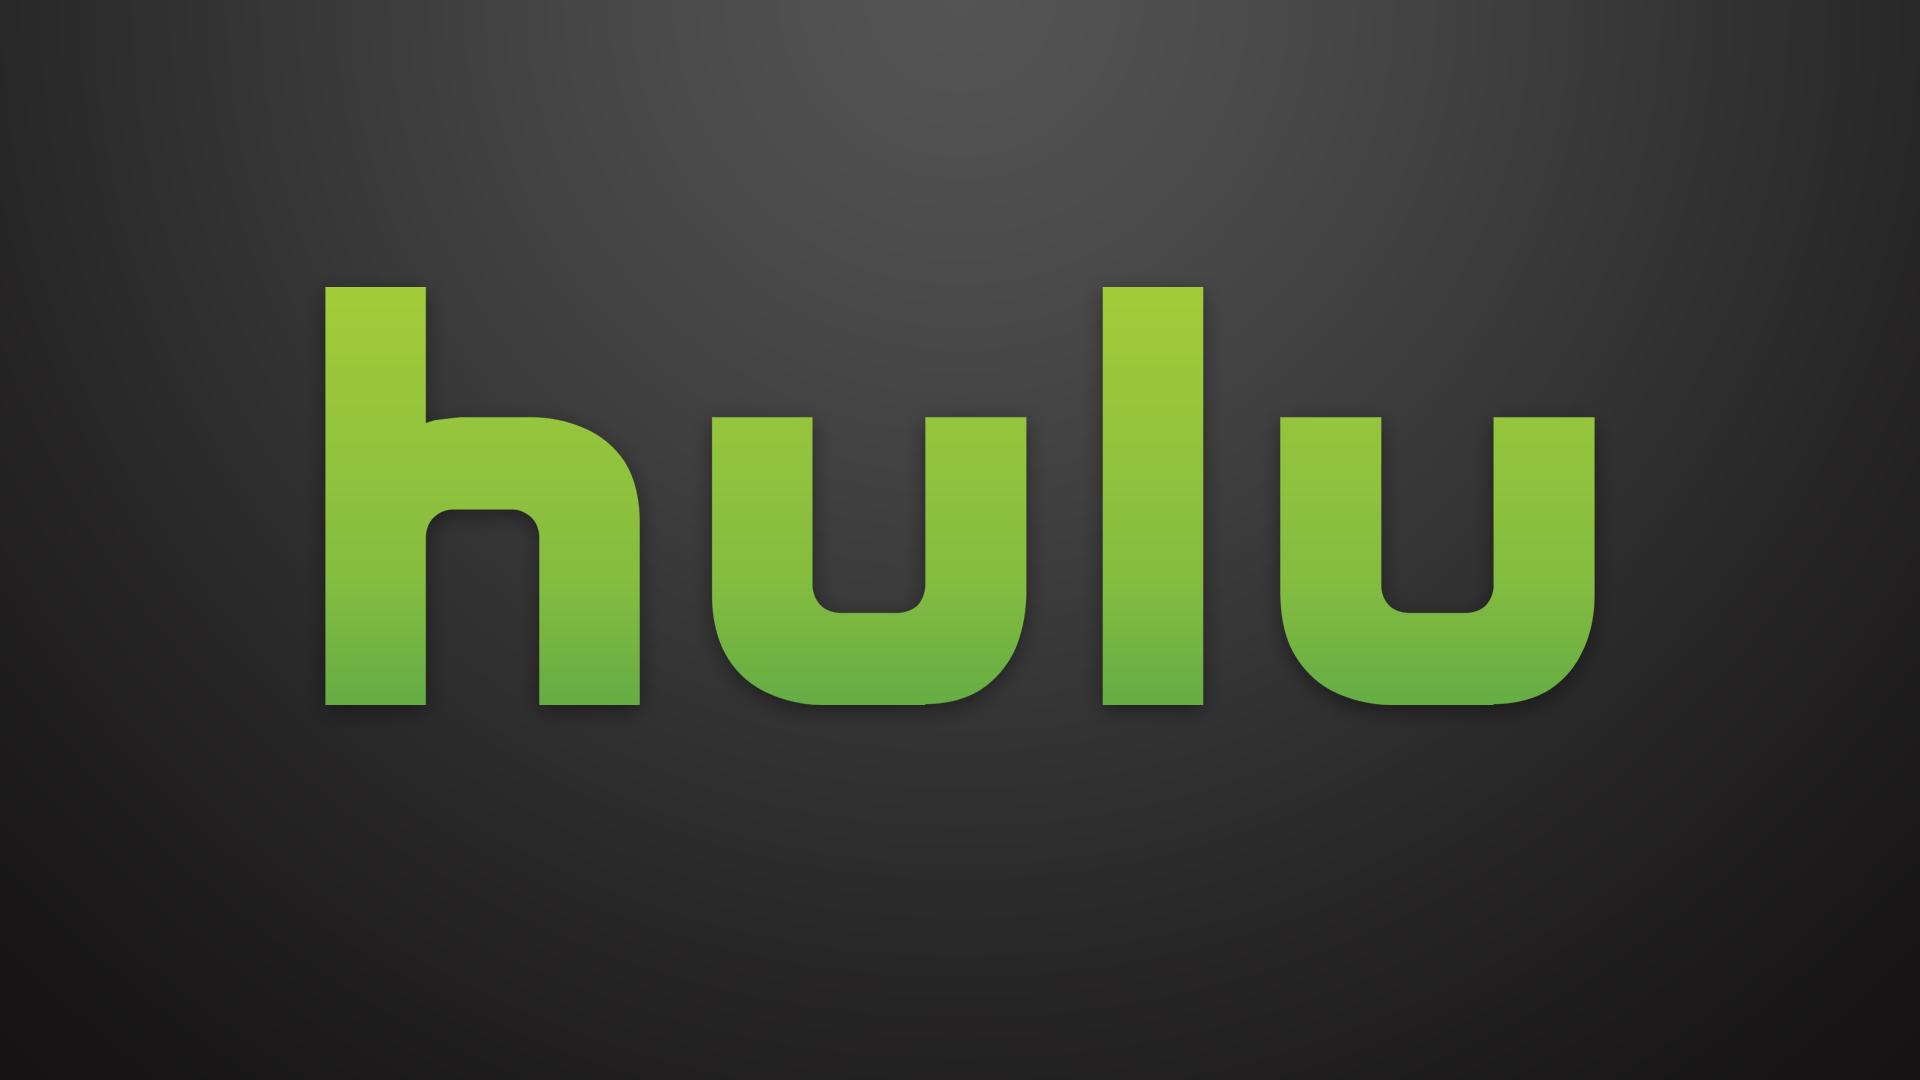 Disney планирует глобальное развитие видеосервиса Hulu